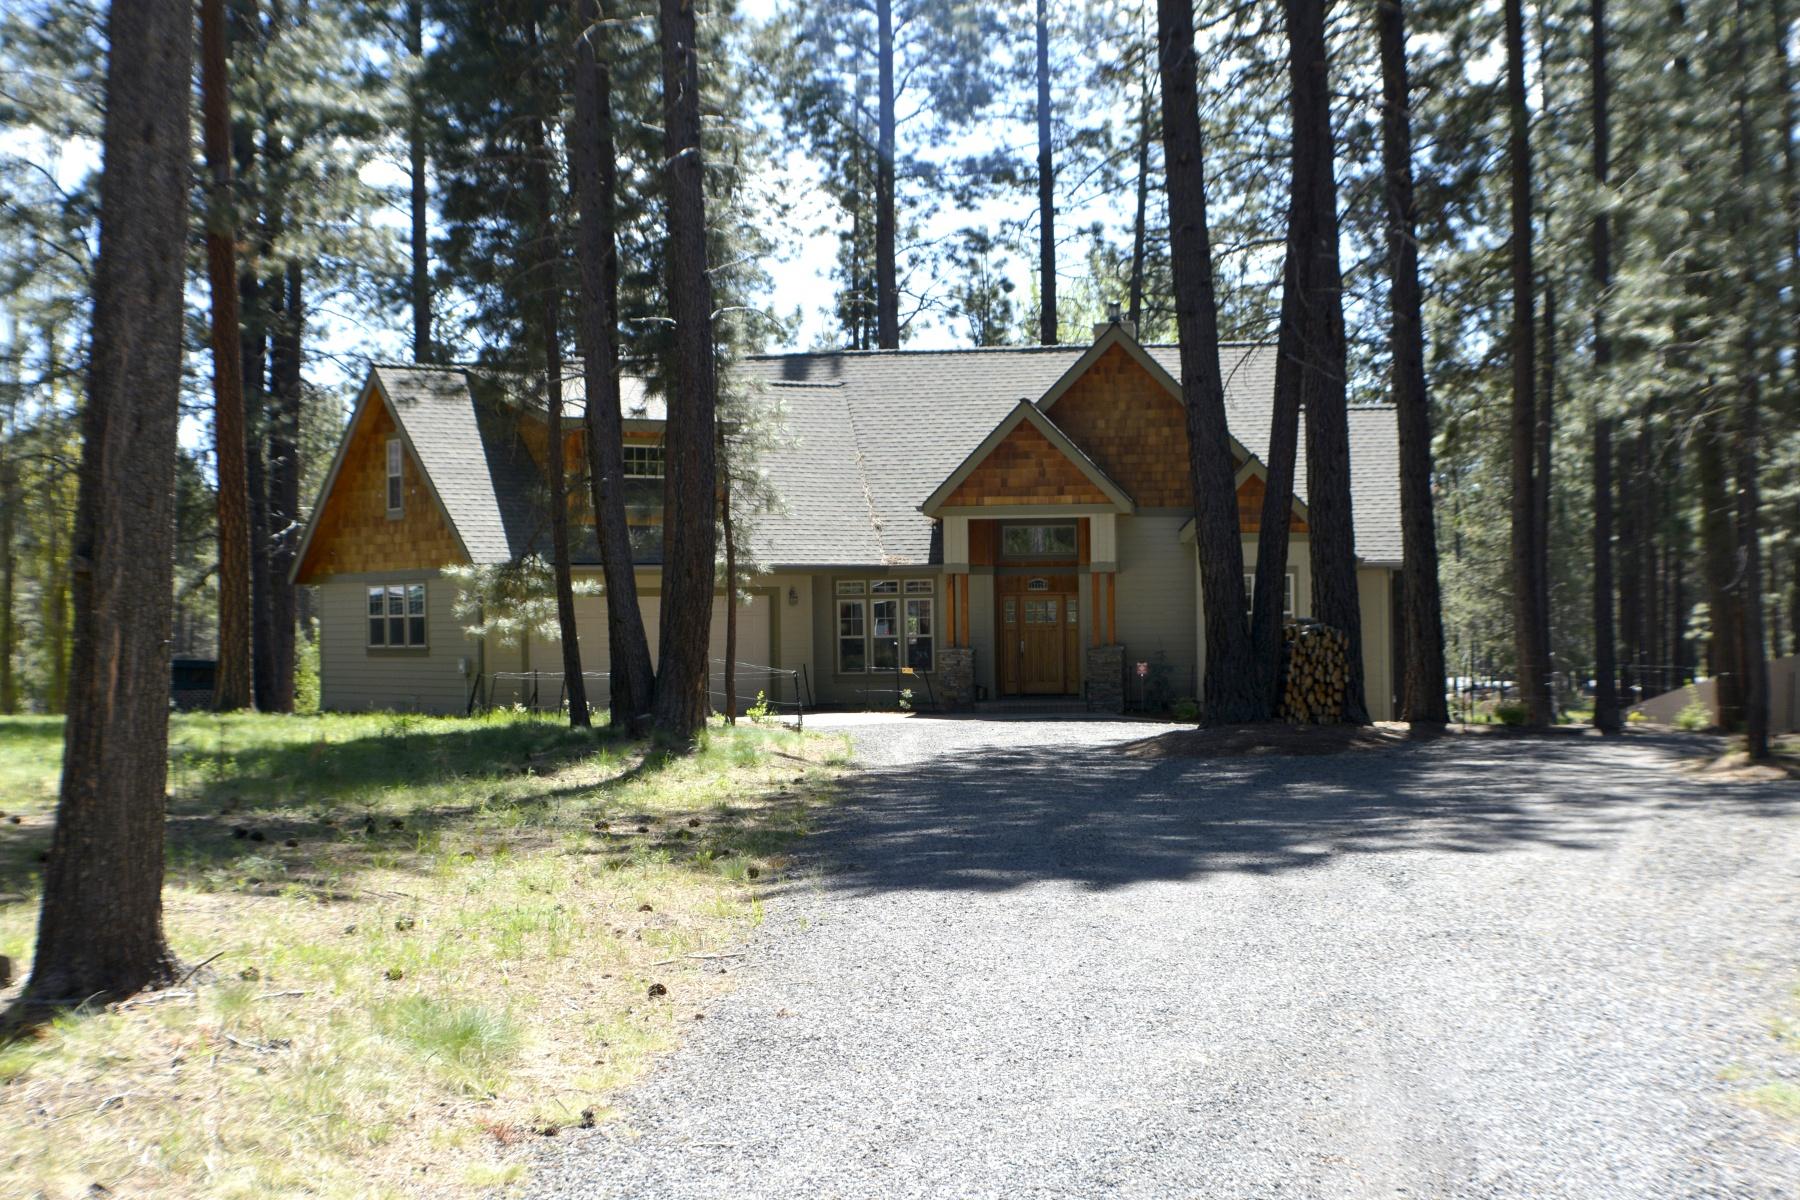 独户住宅 为 销售 在 17179 Island Loop Way, BEND 本德, 俄勒冈州, 97707 美国